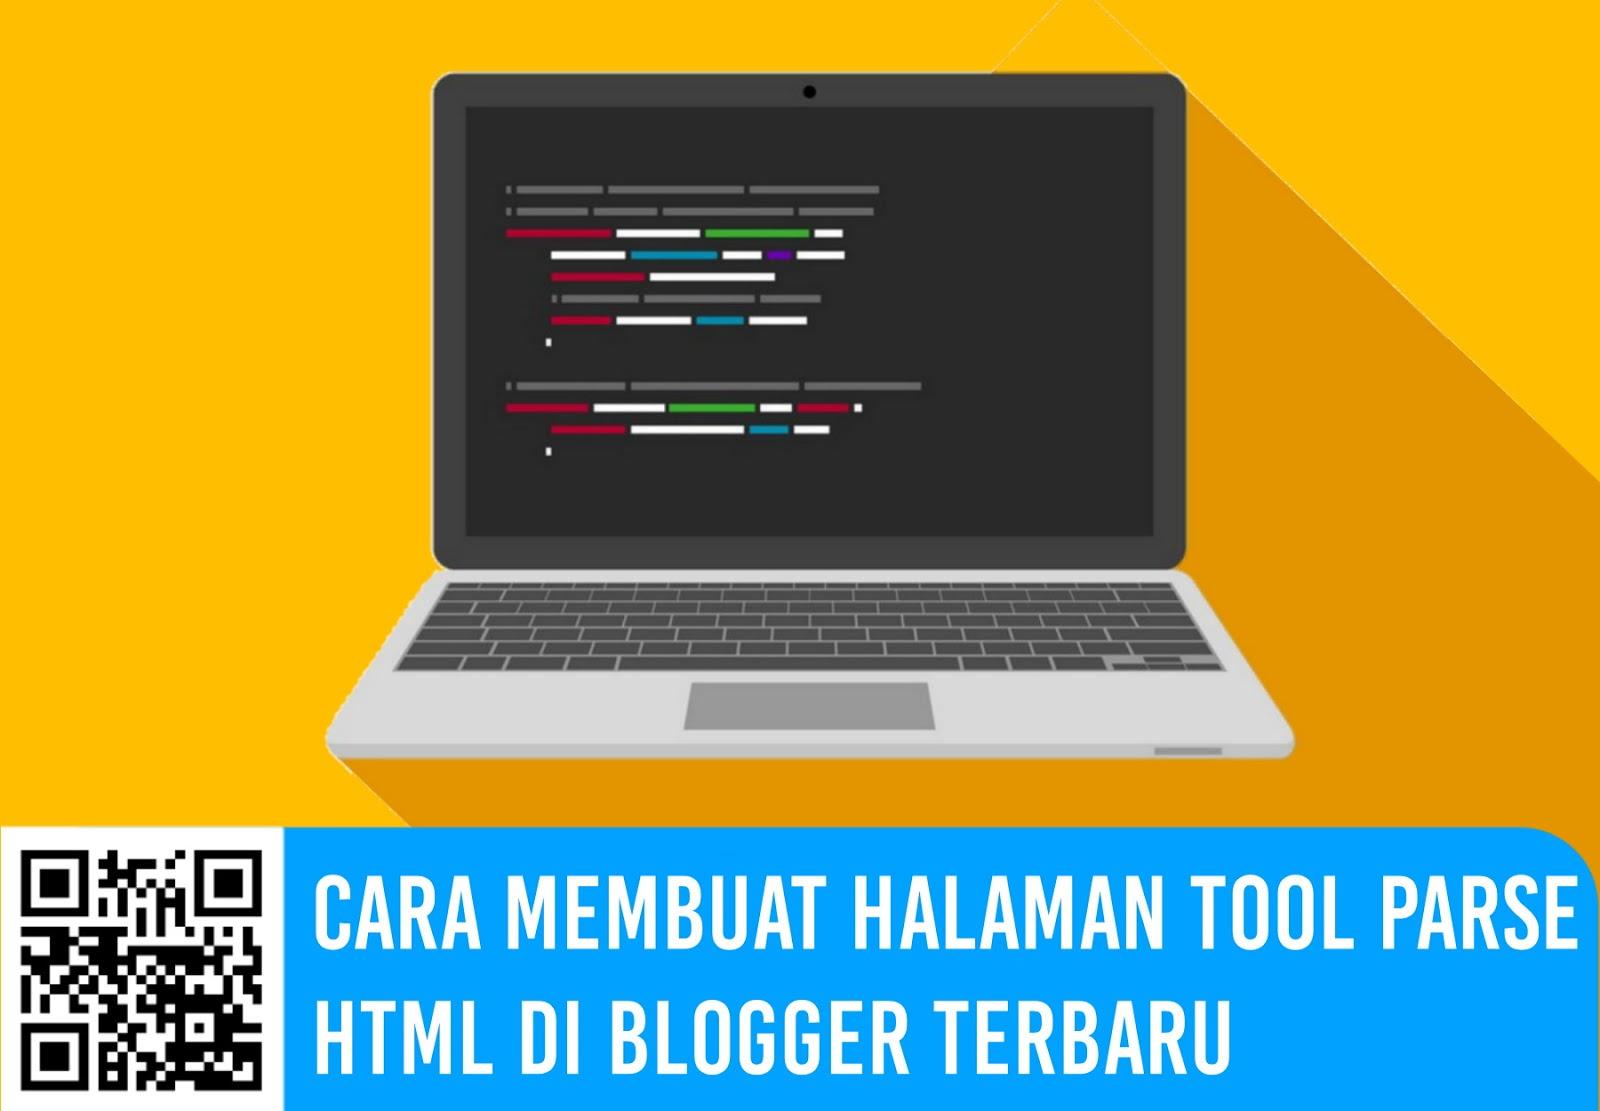 Cara Membuat Halaman Tool Parse HTML di Blogger Terbaru